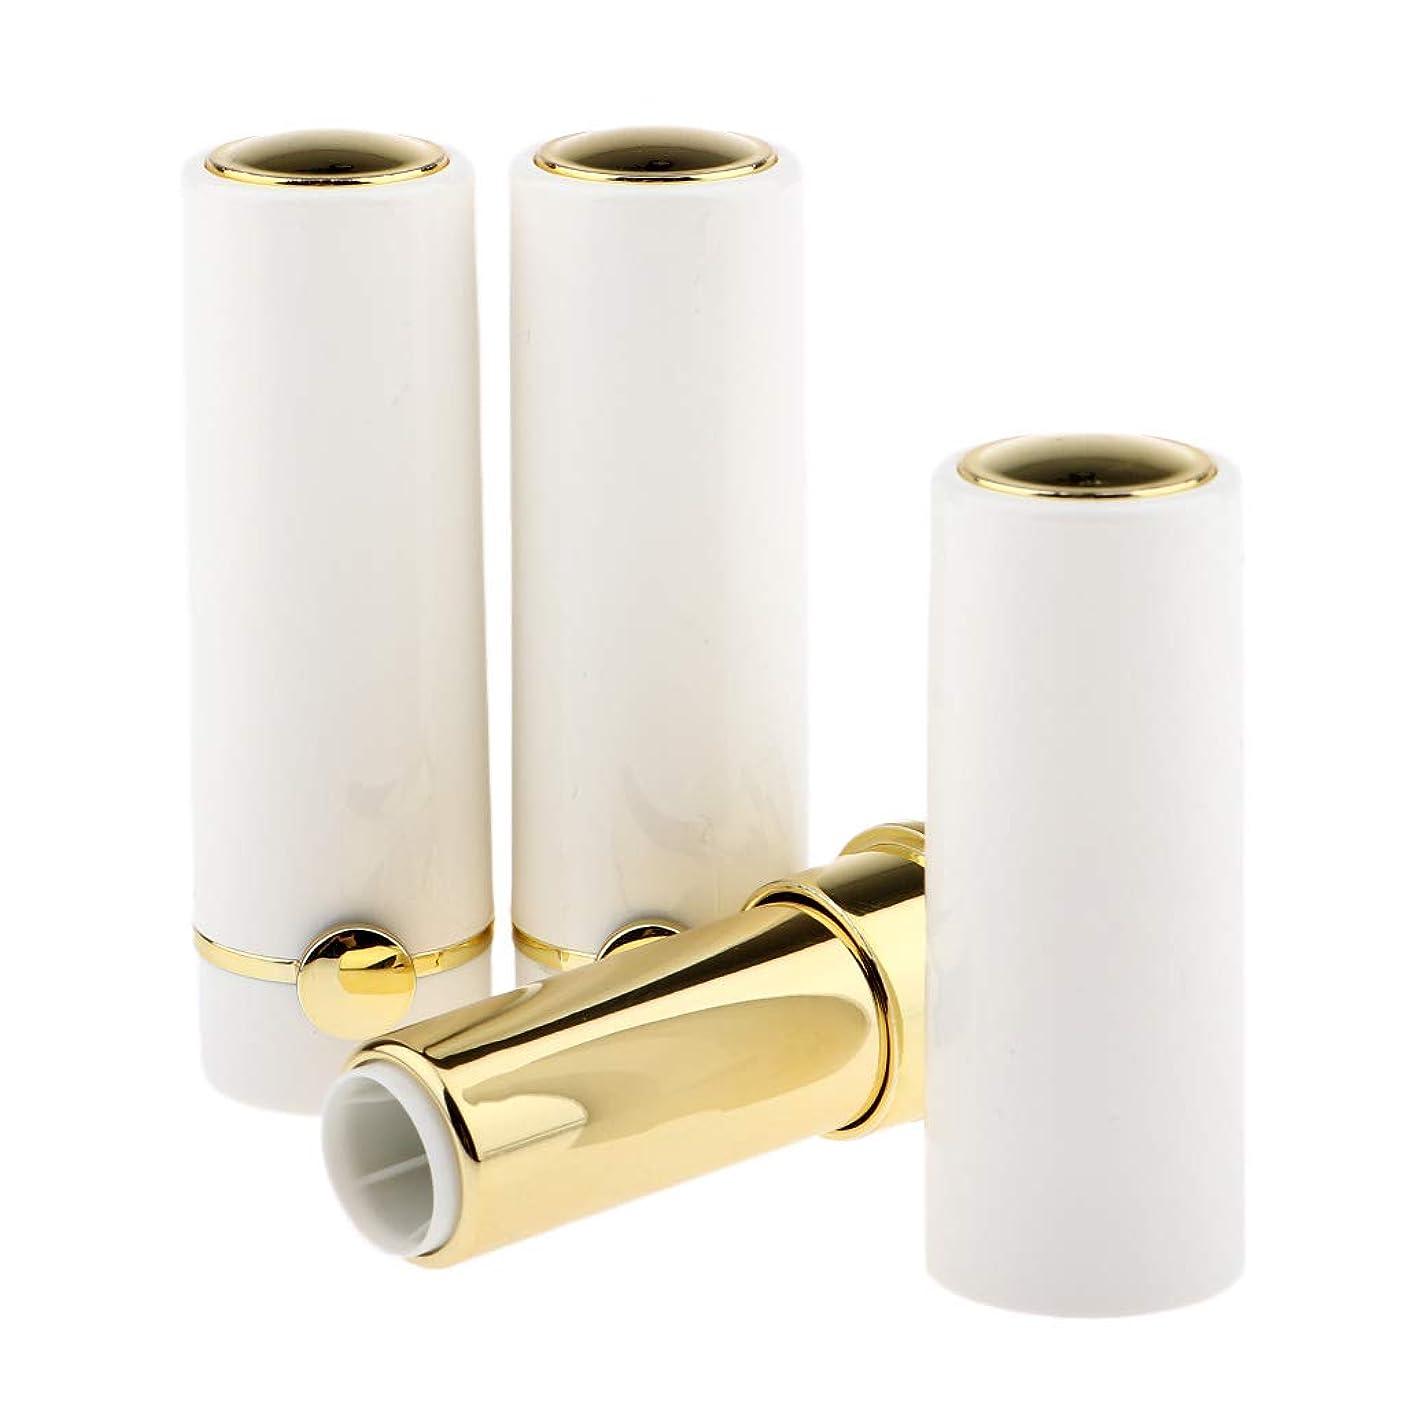 ドーム近々申し立てるCUTICATE リップクリームチューブ DIY工芸品 化粧品 詰め替えボトル リップグロスチューブ 12.1mm 全3色 - ホワイト